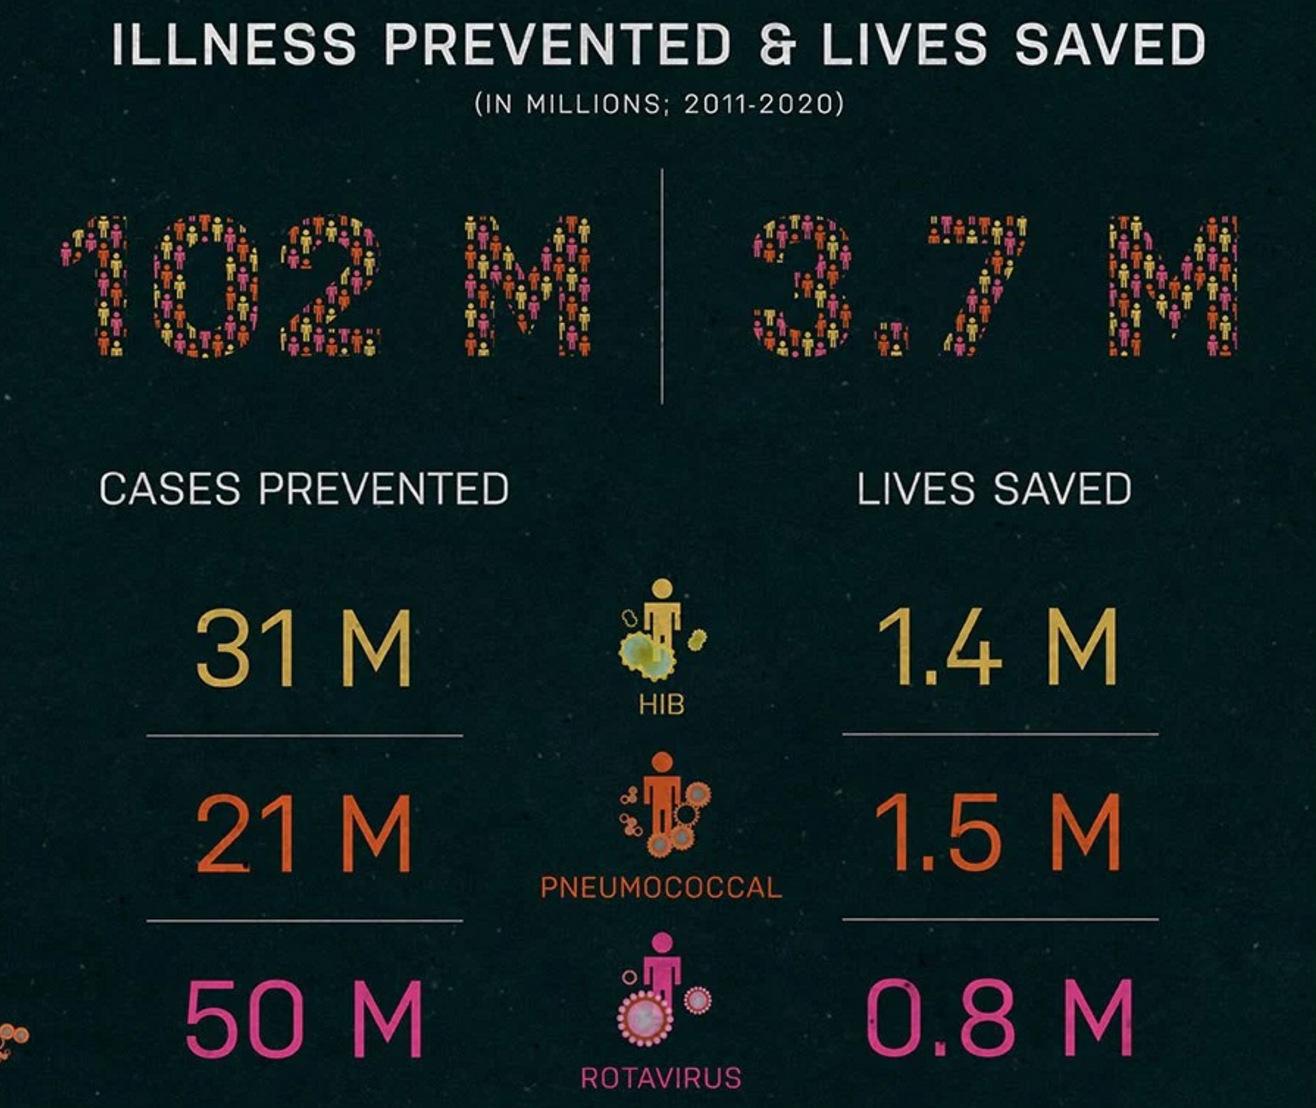 спасено жизней благодаря прививкам